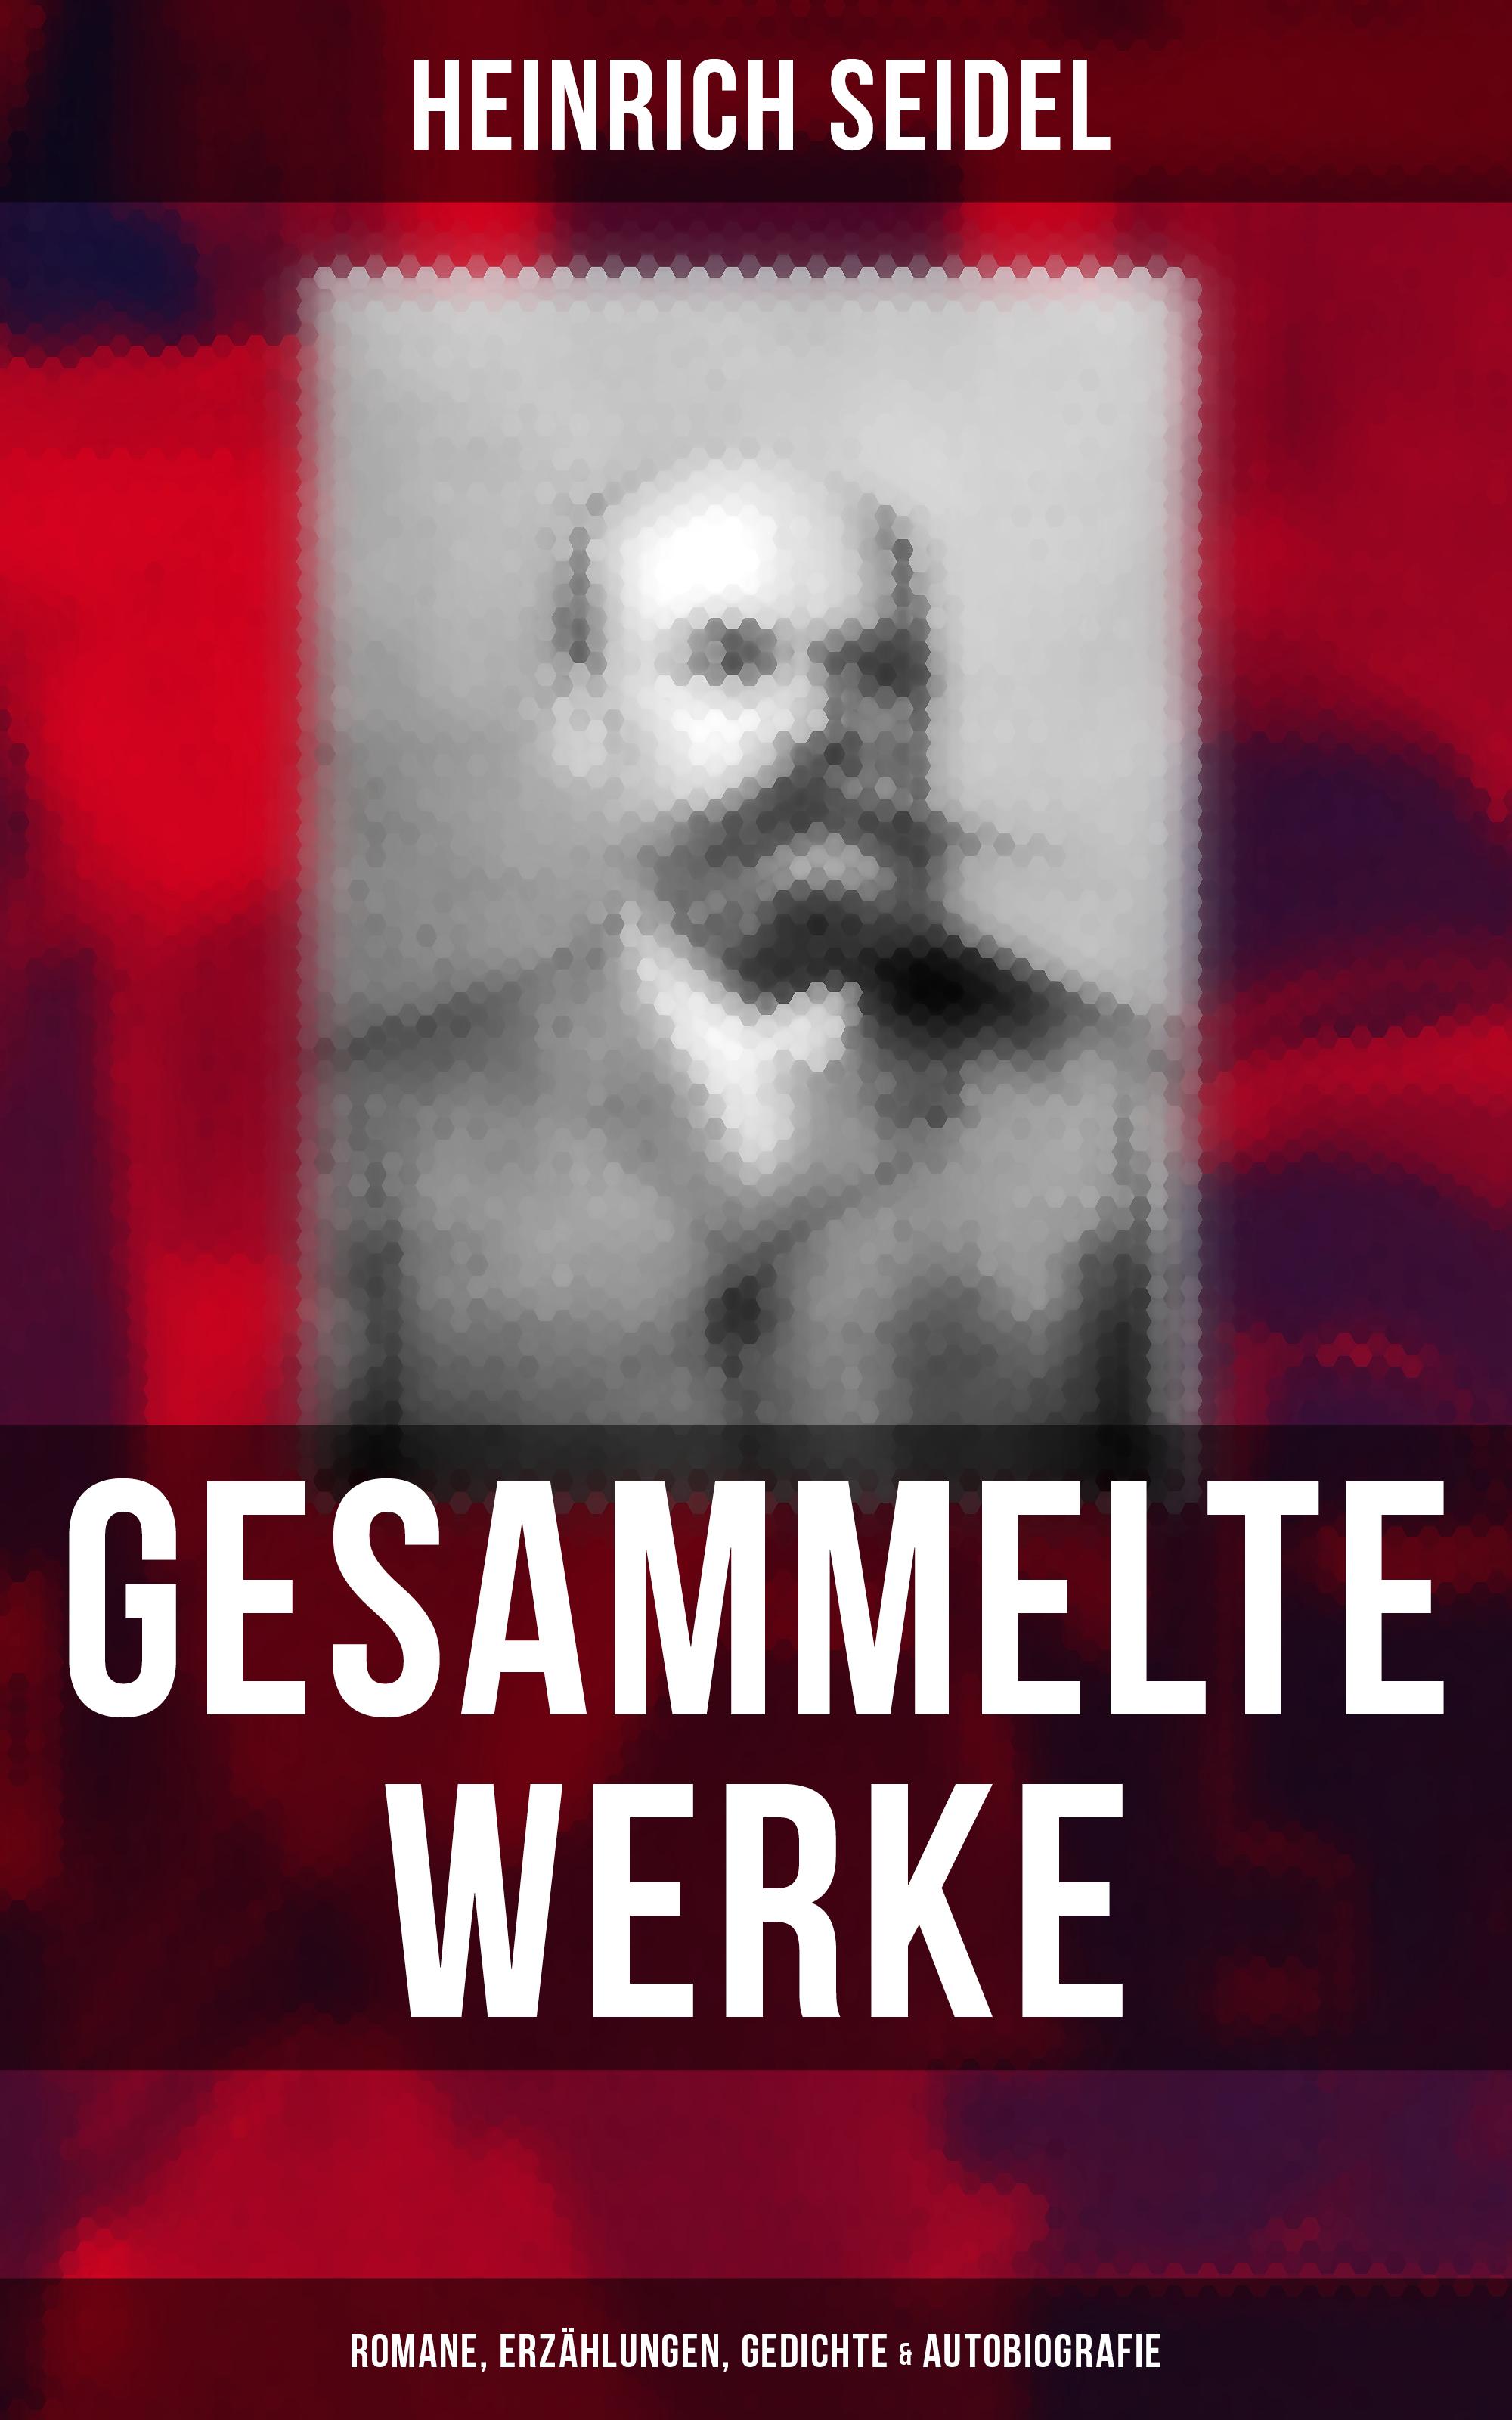 цены Heinrich Seidel Gesammelte Werke: Romane, Erzählungen, Gedichte & Autobiografie